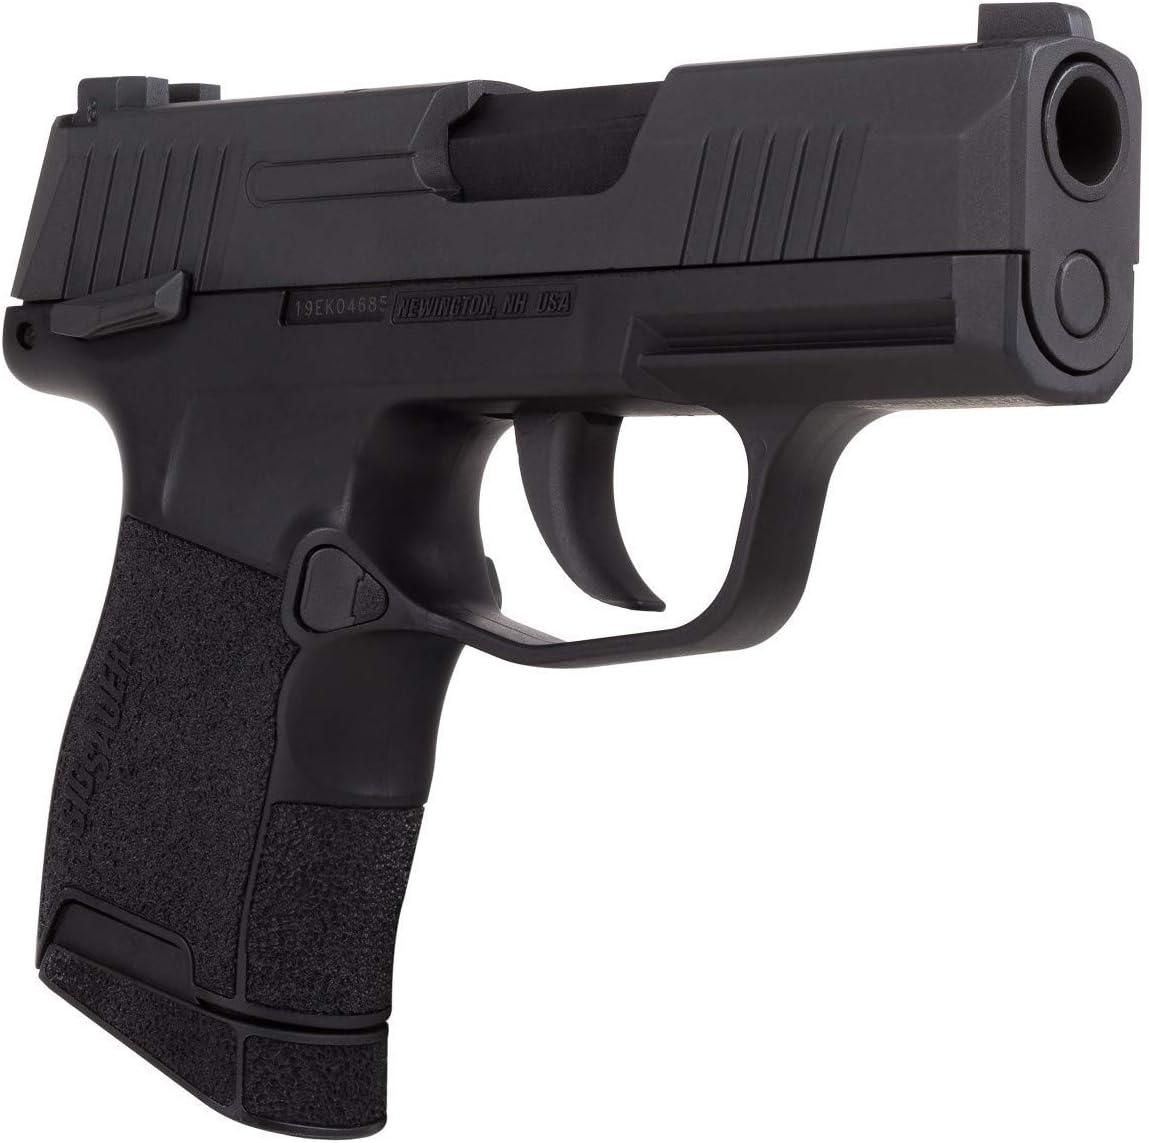 Zasdar Ssp365 - Pistolas - Co2. Calibre 4'5 Mm ('177